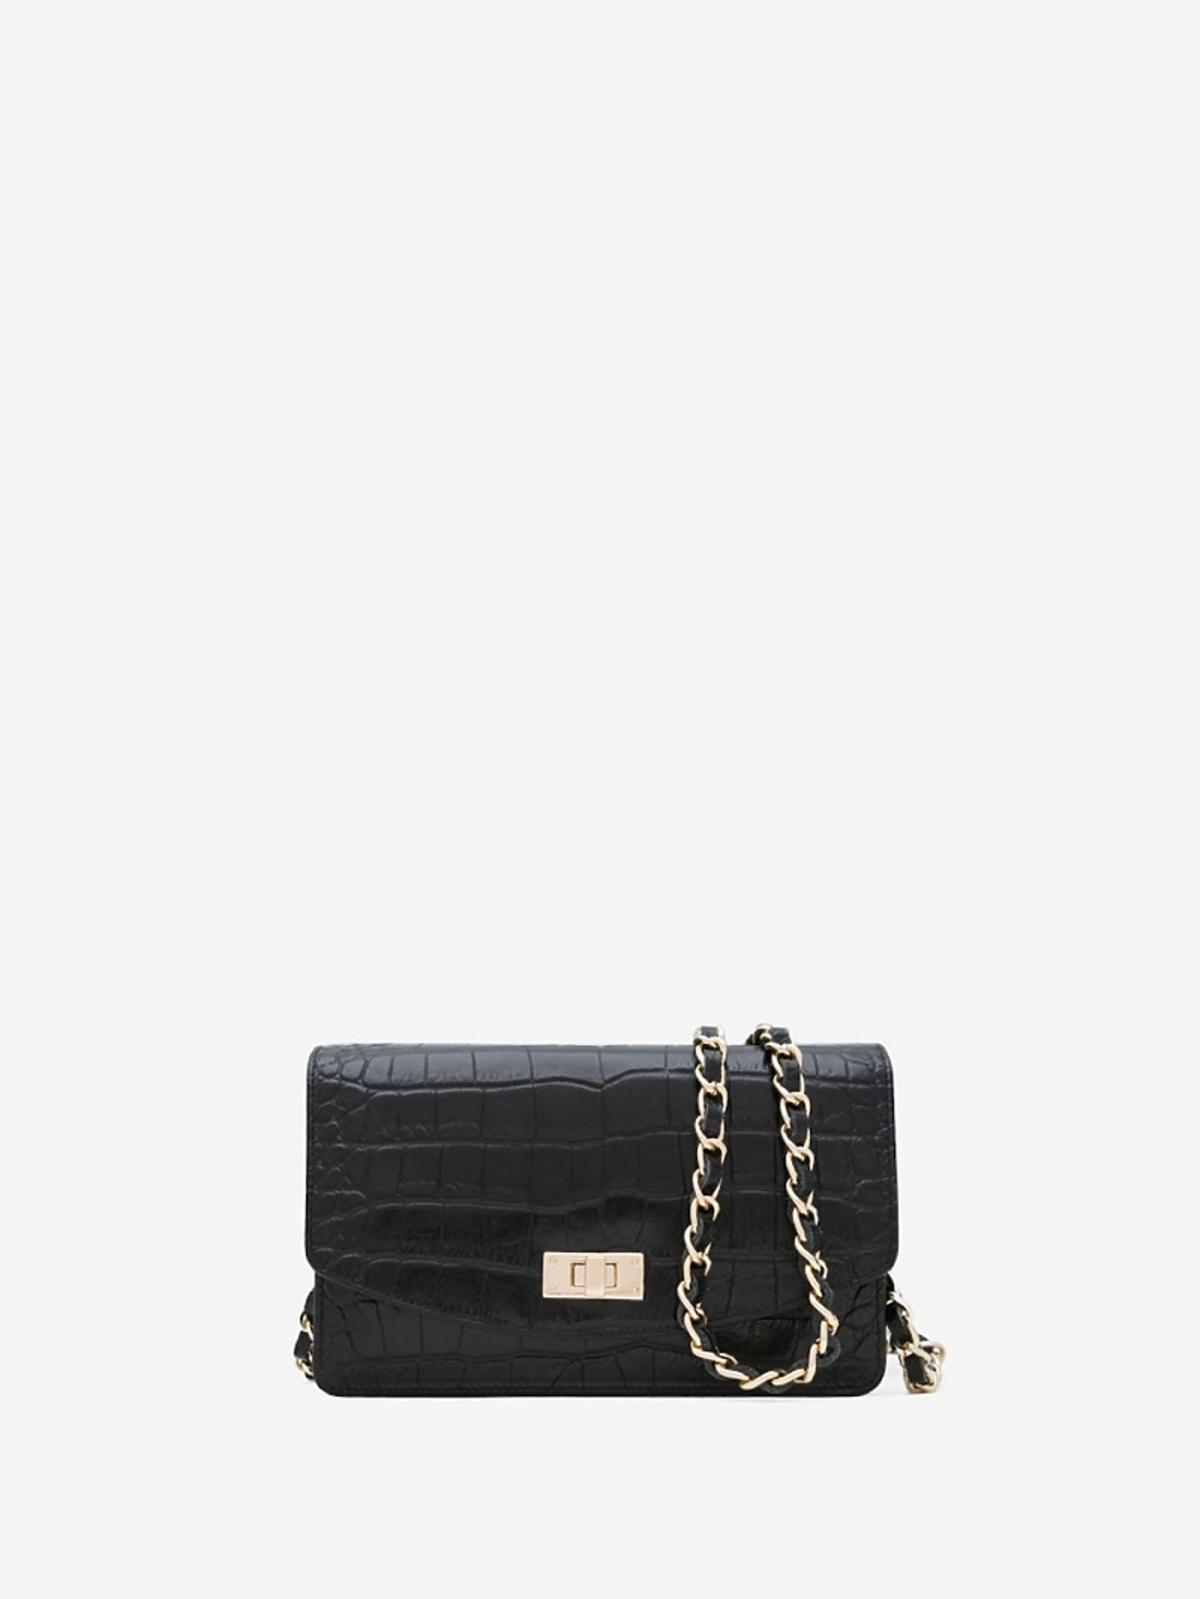 Czarna torebka na łańcuszku z fakturą wężowej skóry marki Uterque